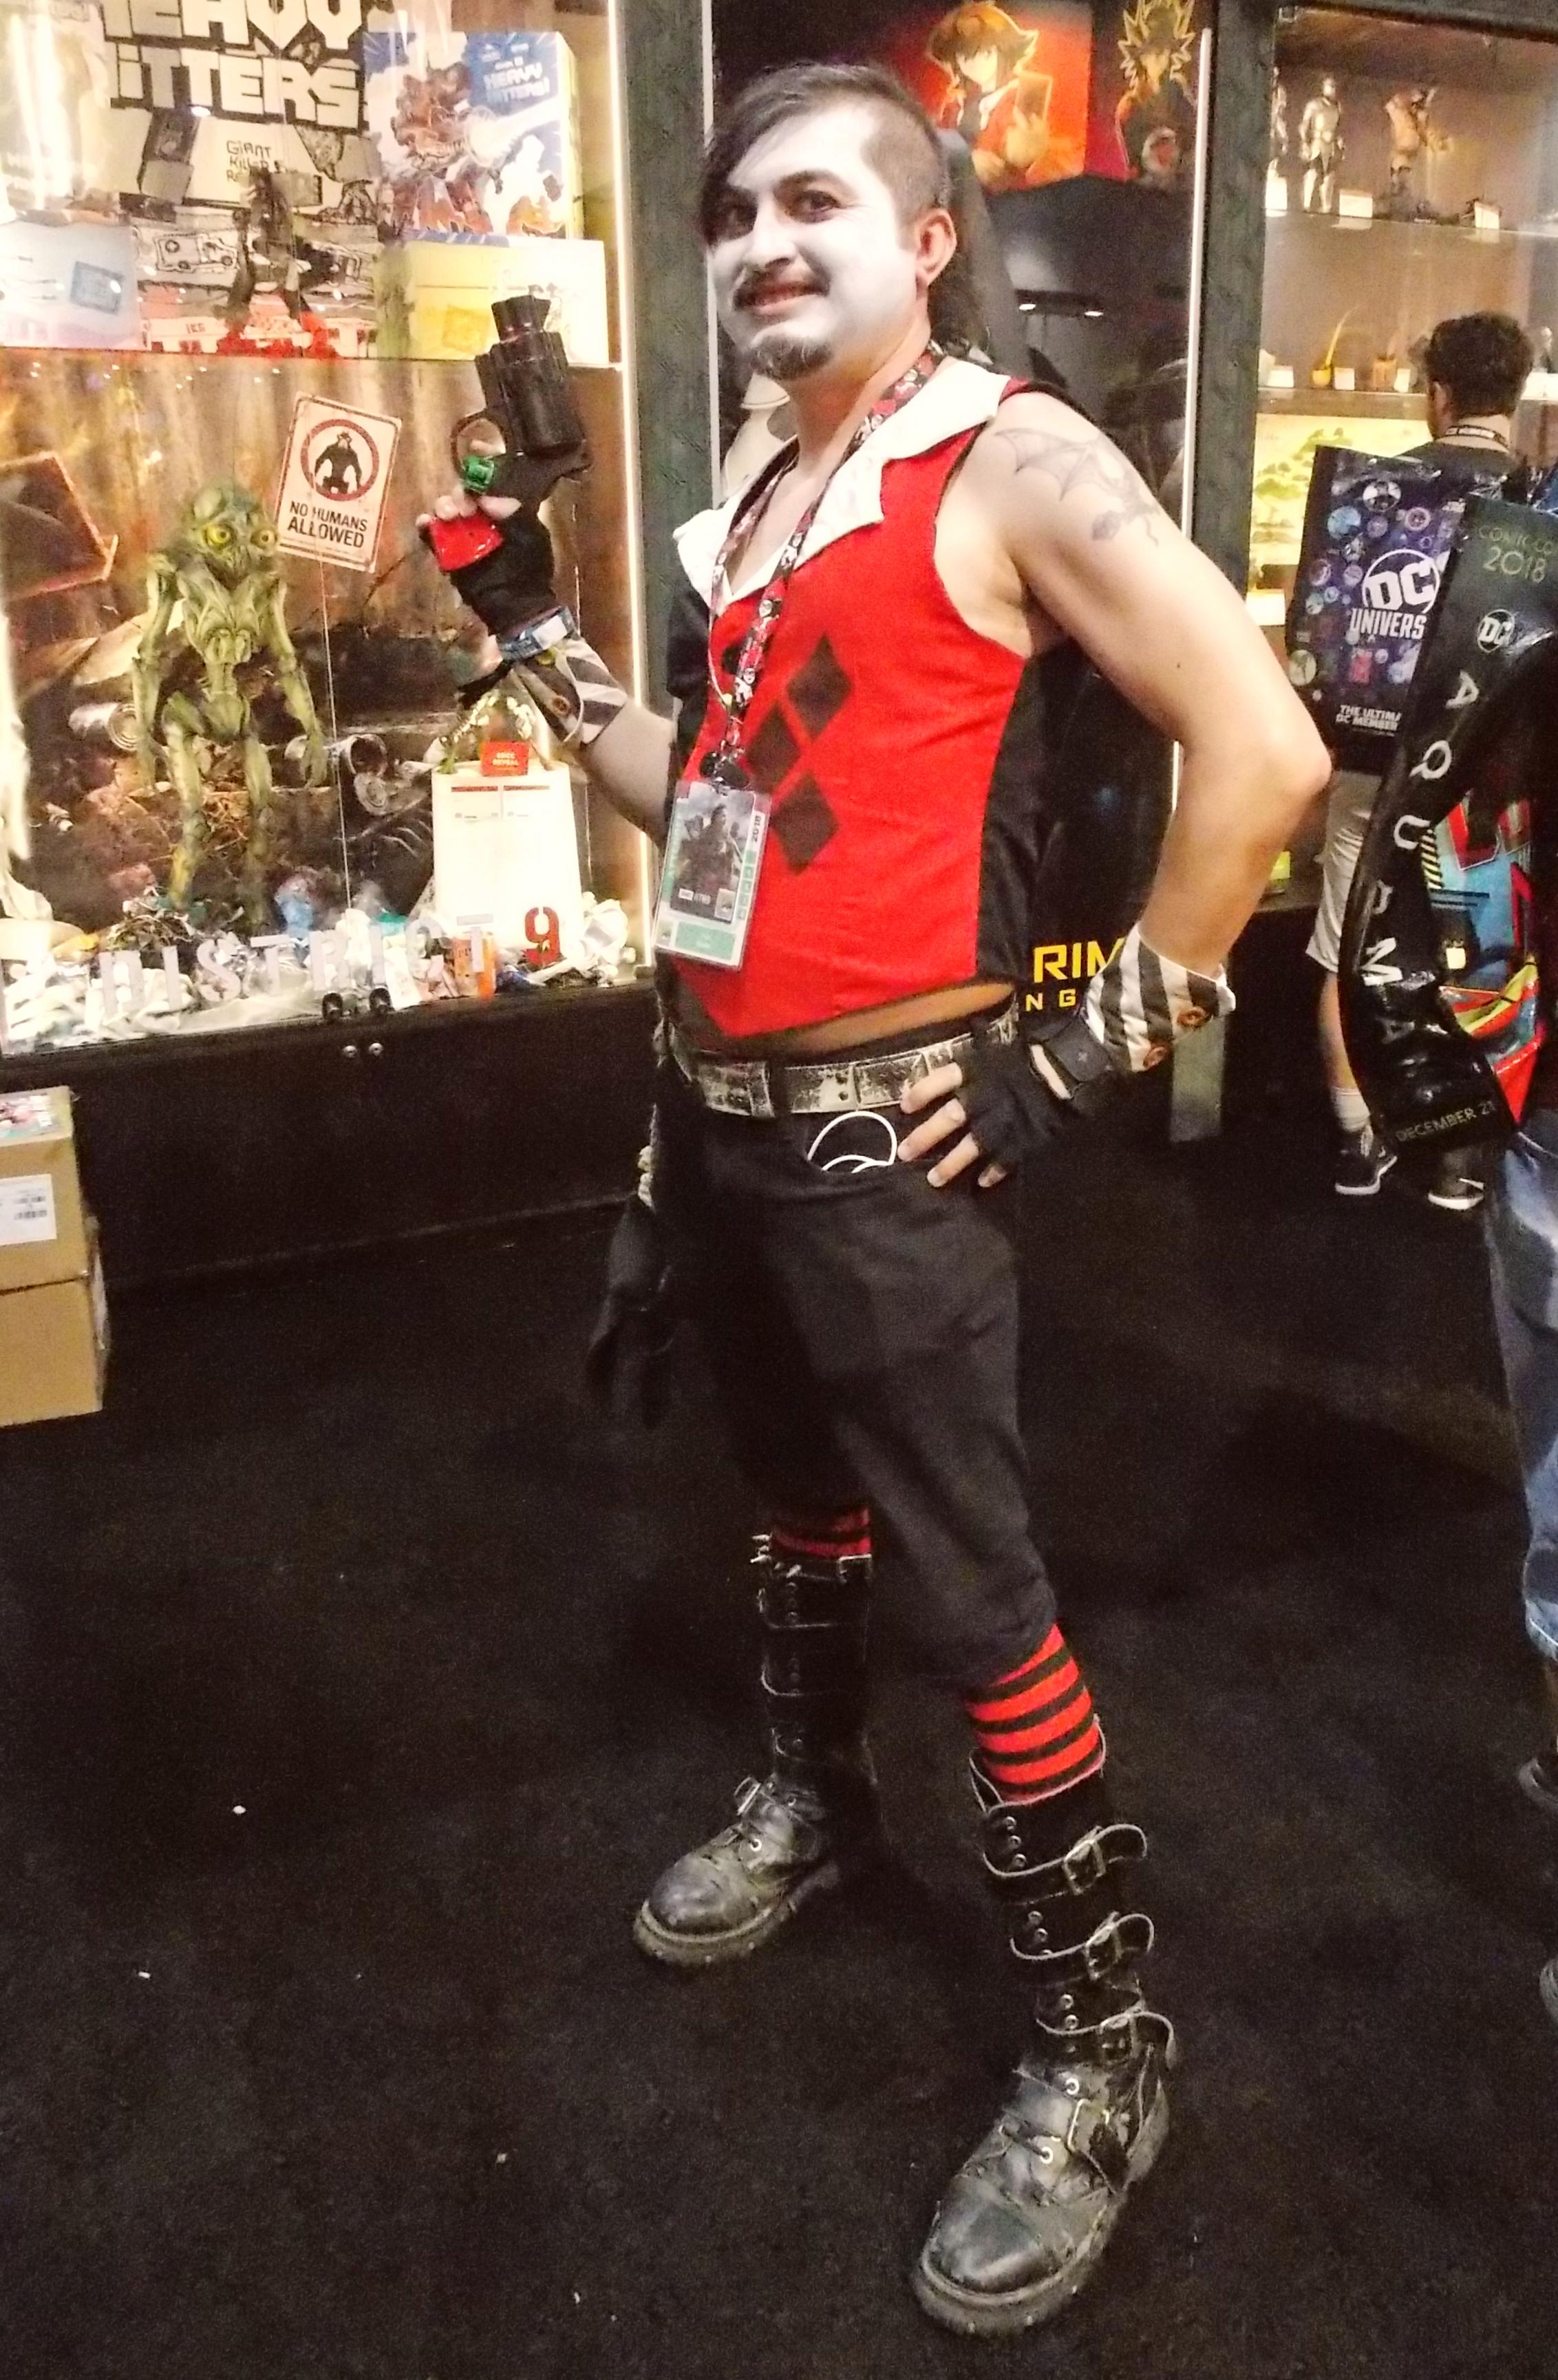 Rule 63 Harley Quinn